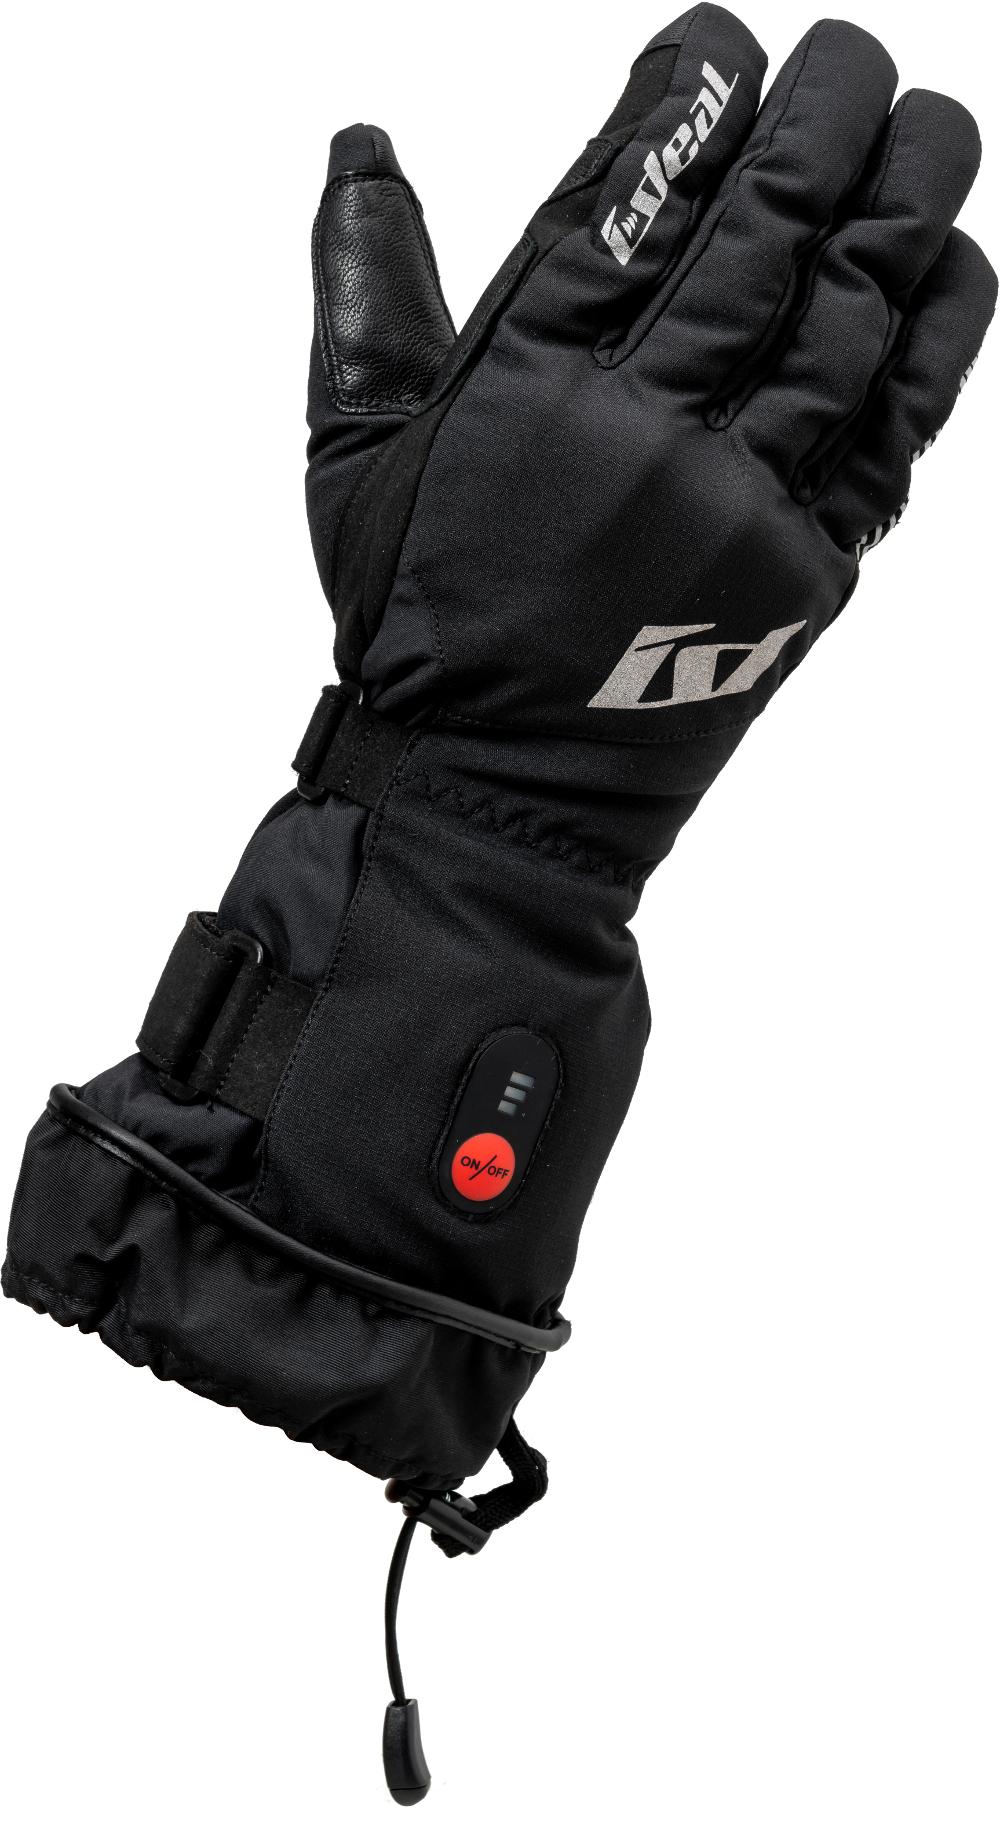 山城 yamashiro IDEAL アイディール 爆安 バイク用 グローブ 秋冬モデル ID-201 公式ストア ブラック HEAT ID201BK ヒート 1 L Lサイズ